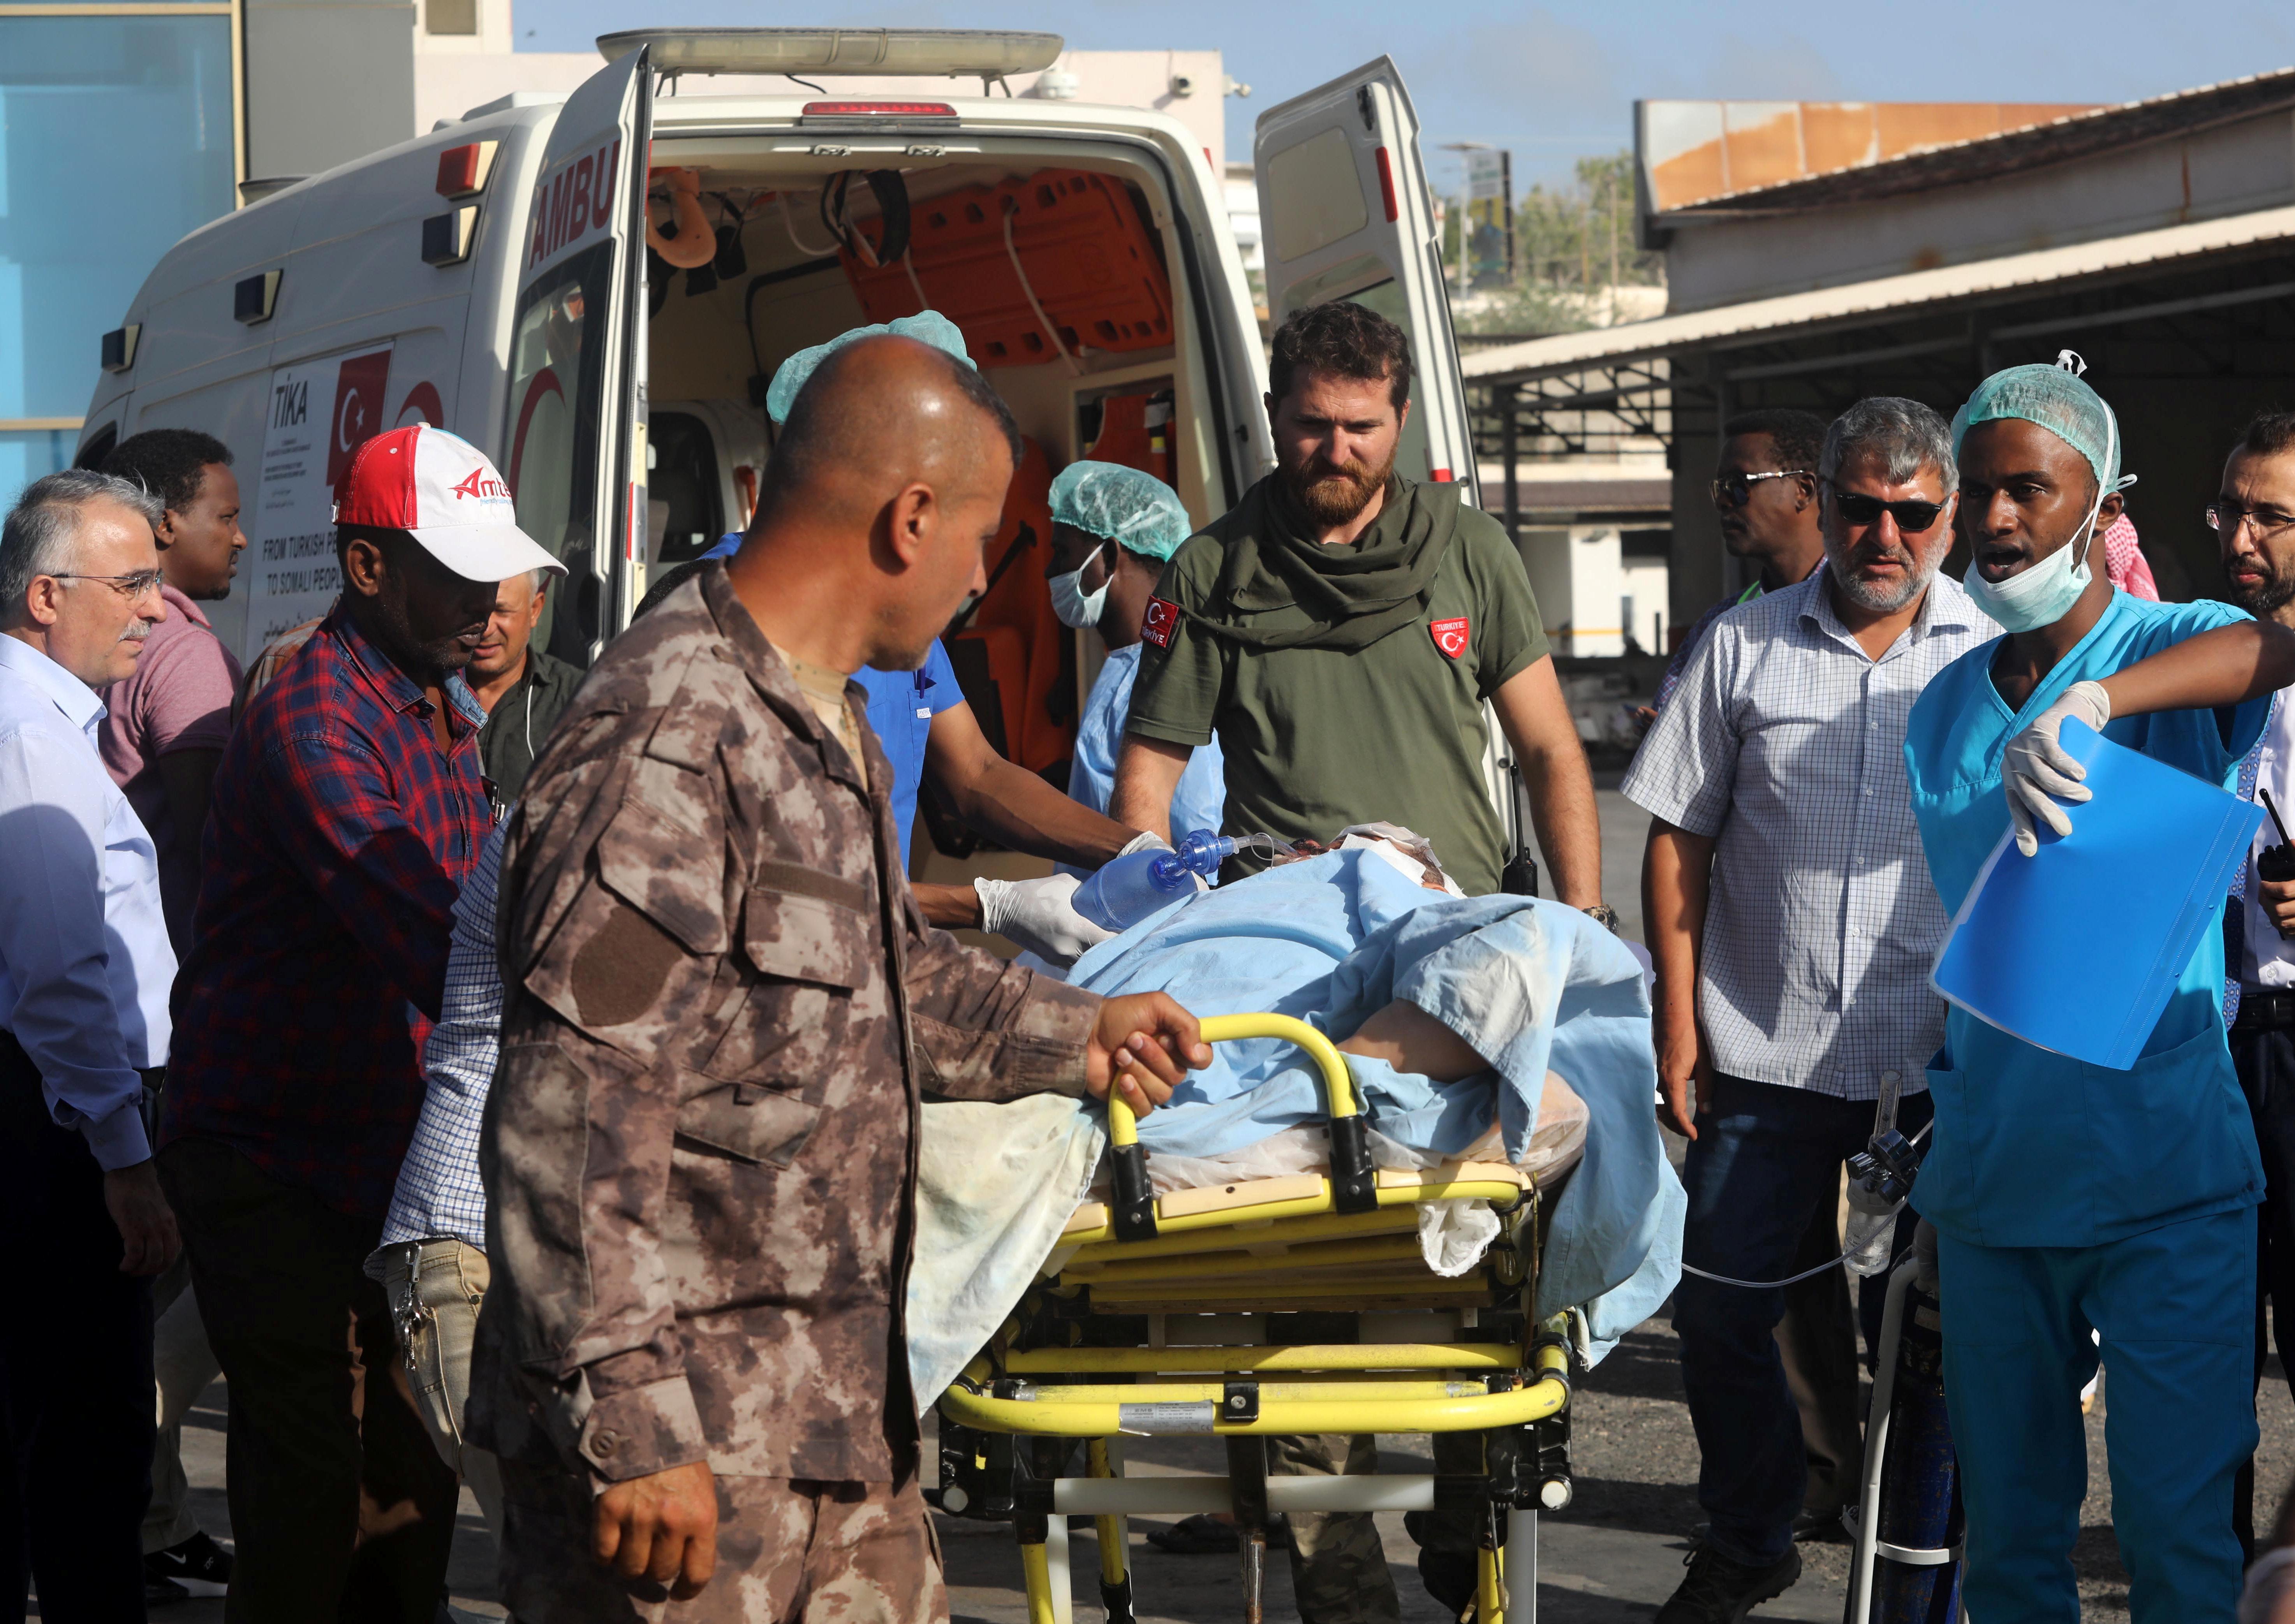 Σομαλία: Δυο νεκροί από εκρήξεις σε παγιδευμένα αυτοκίνητα